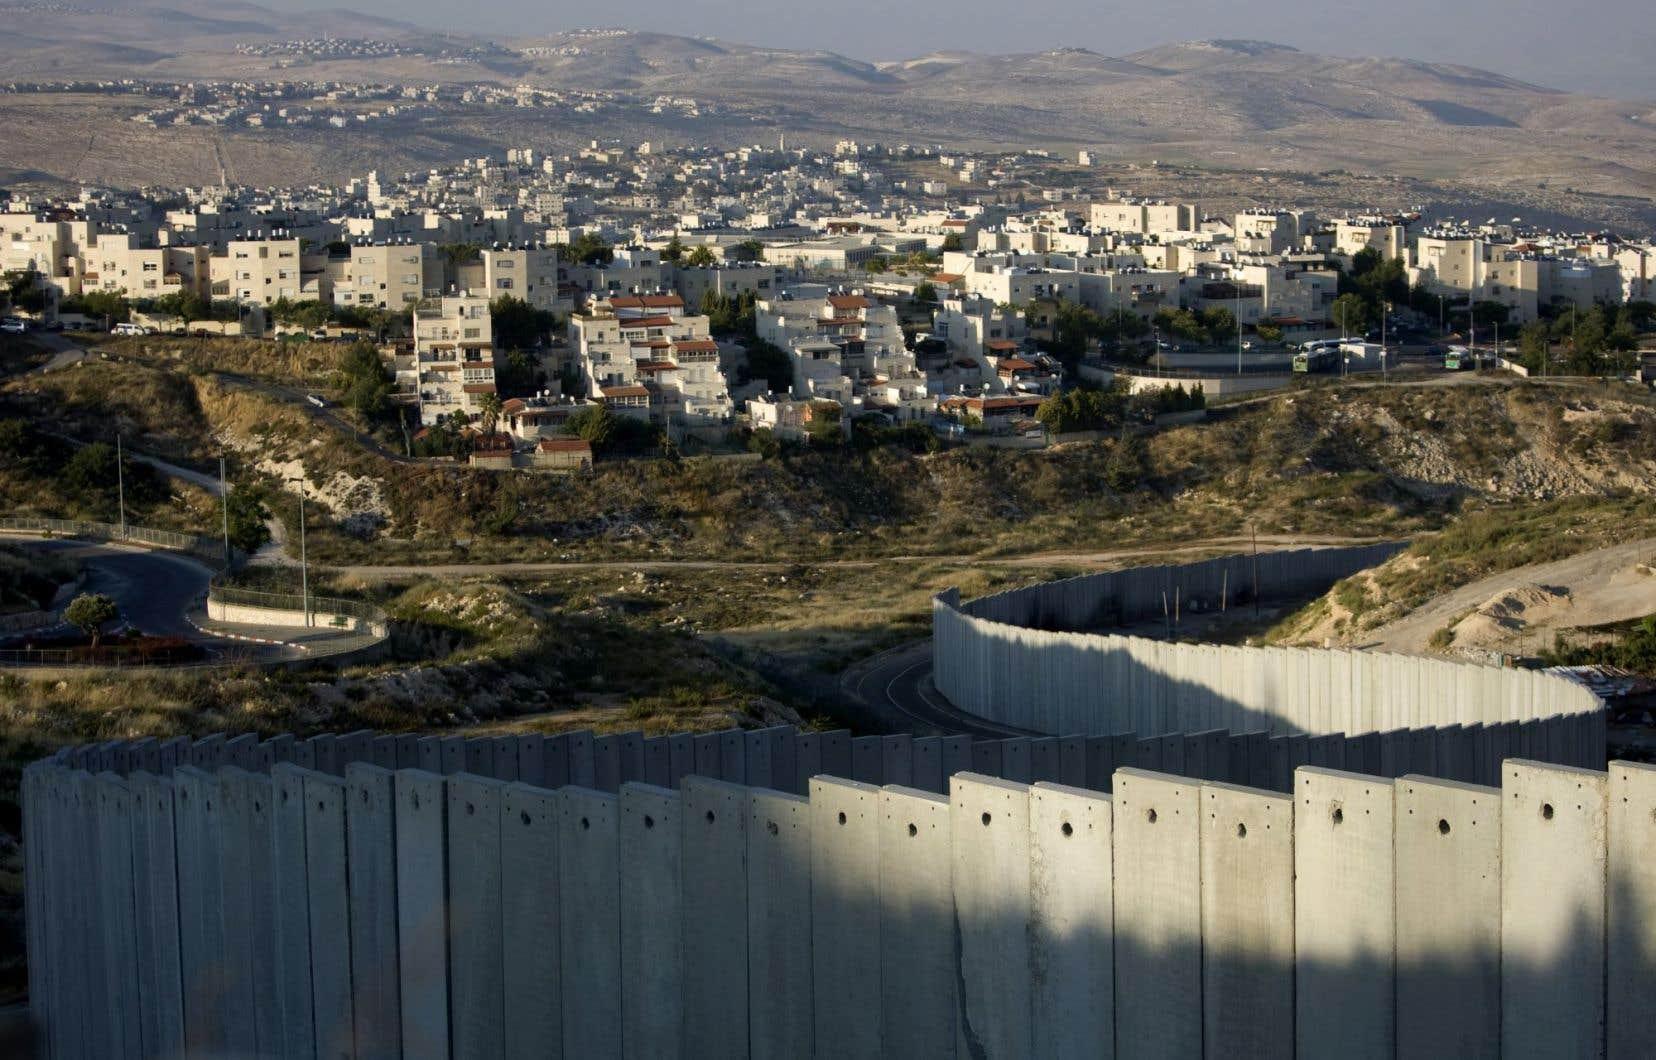 La colonie dePisgat Zeev, en banlieue de Jérusalem.L'expansion des colonies a été poursuivie sous tous les gouvernements israéliens depuis 1967.